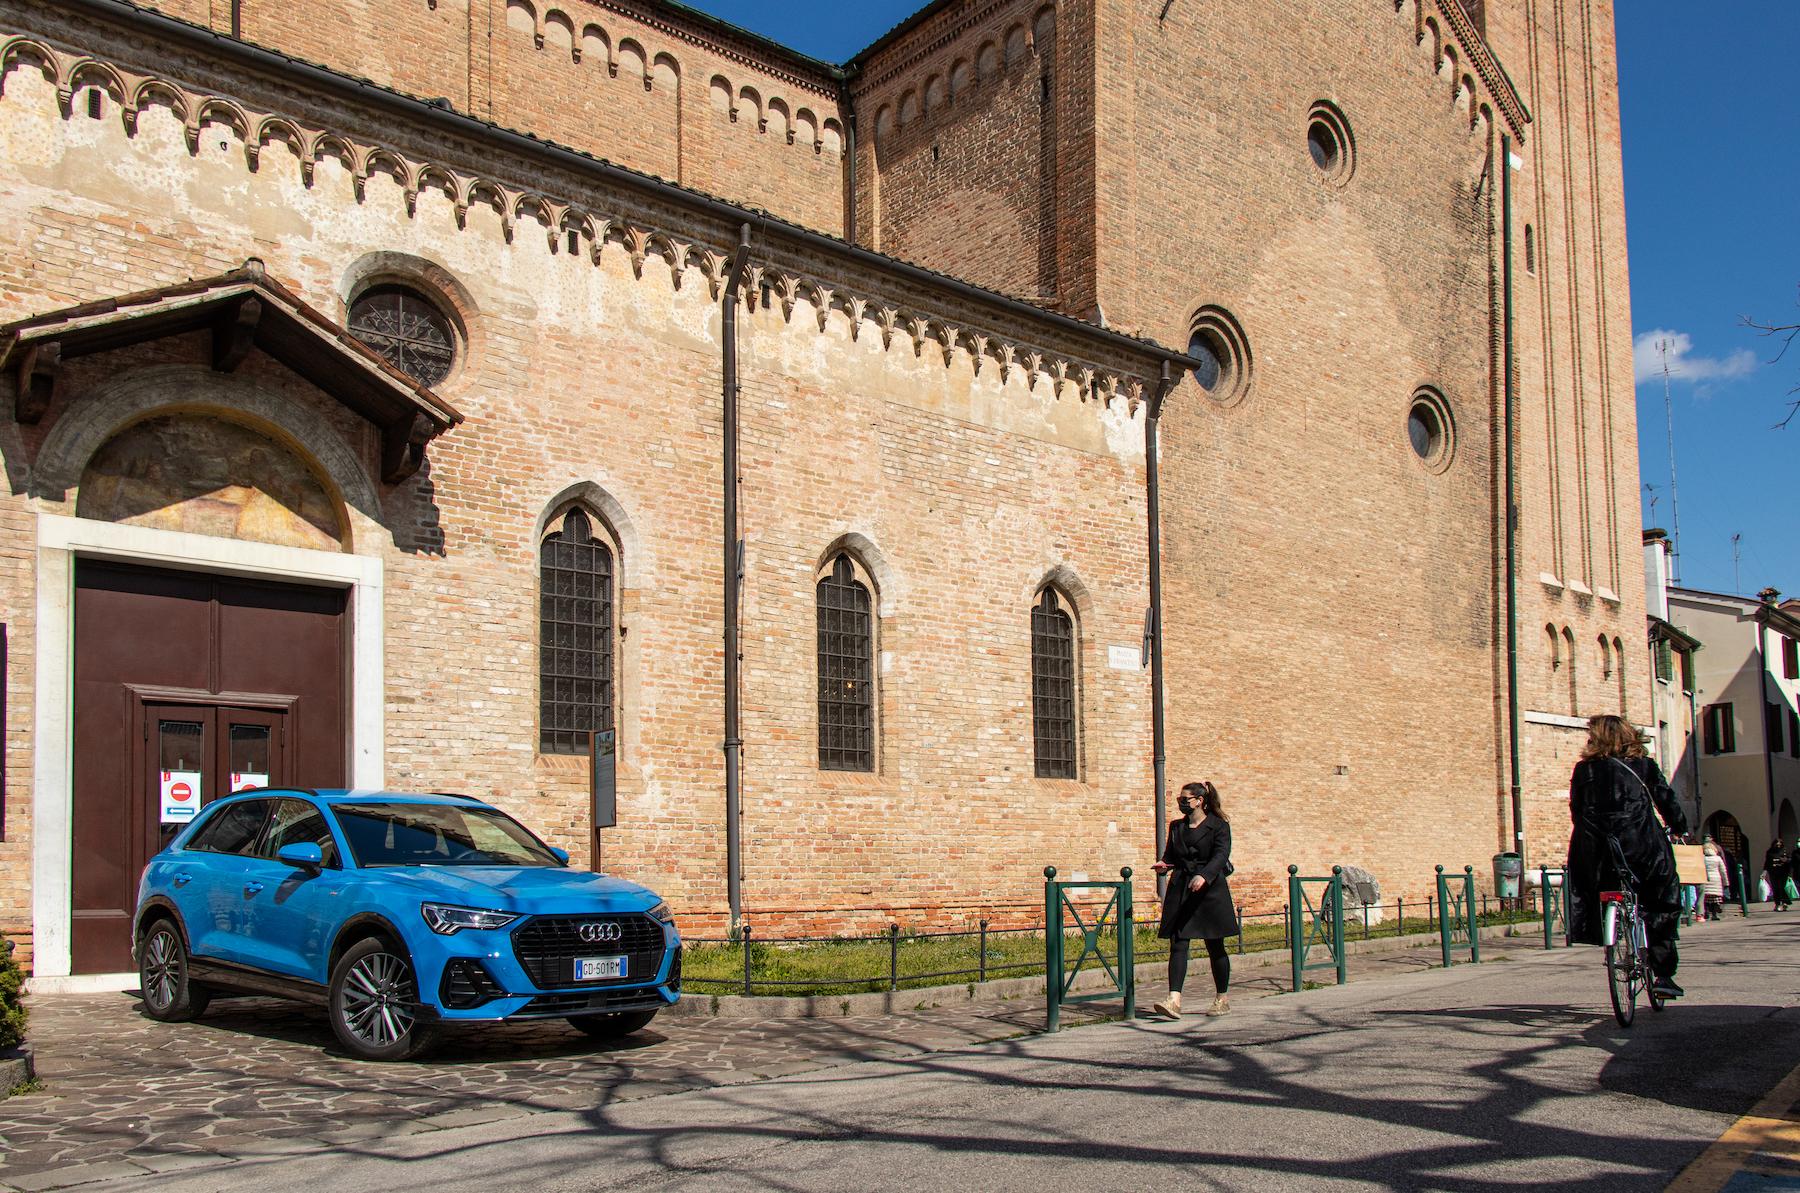 Audi-Q3-Ibrida-Chiesa-San-Francesco_Treviso